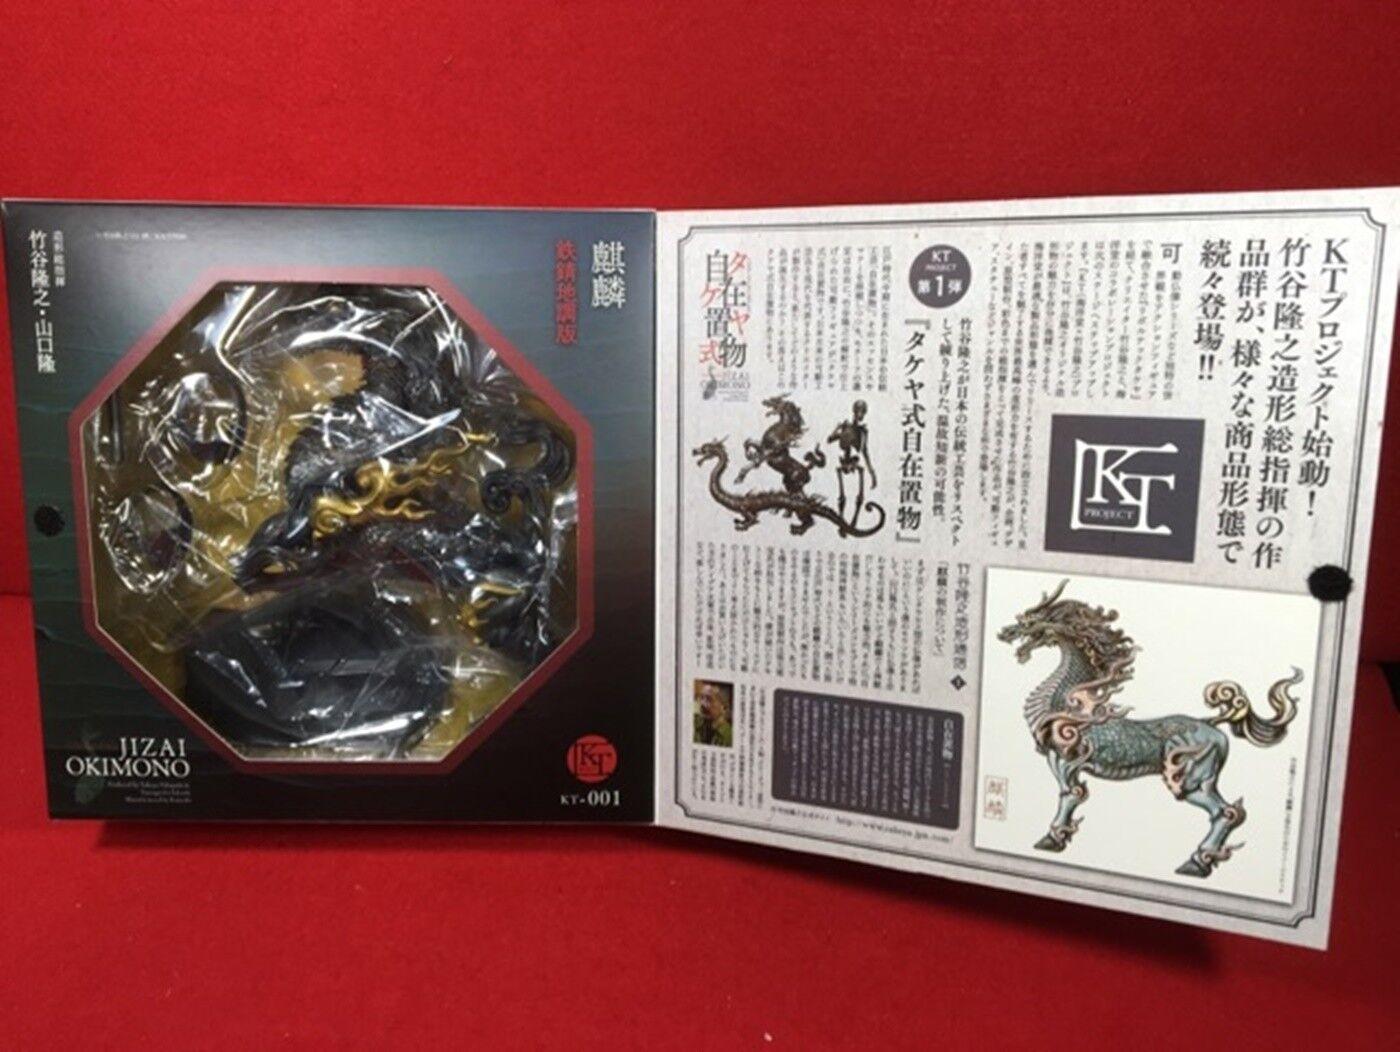 USED Takeyashiki Jizai Okimono  Kirin Figure (Iron Reddish Brown Version) F S